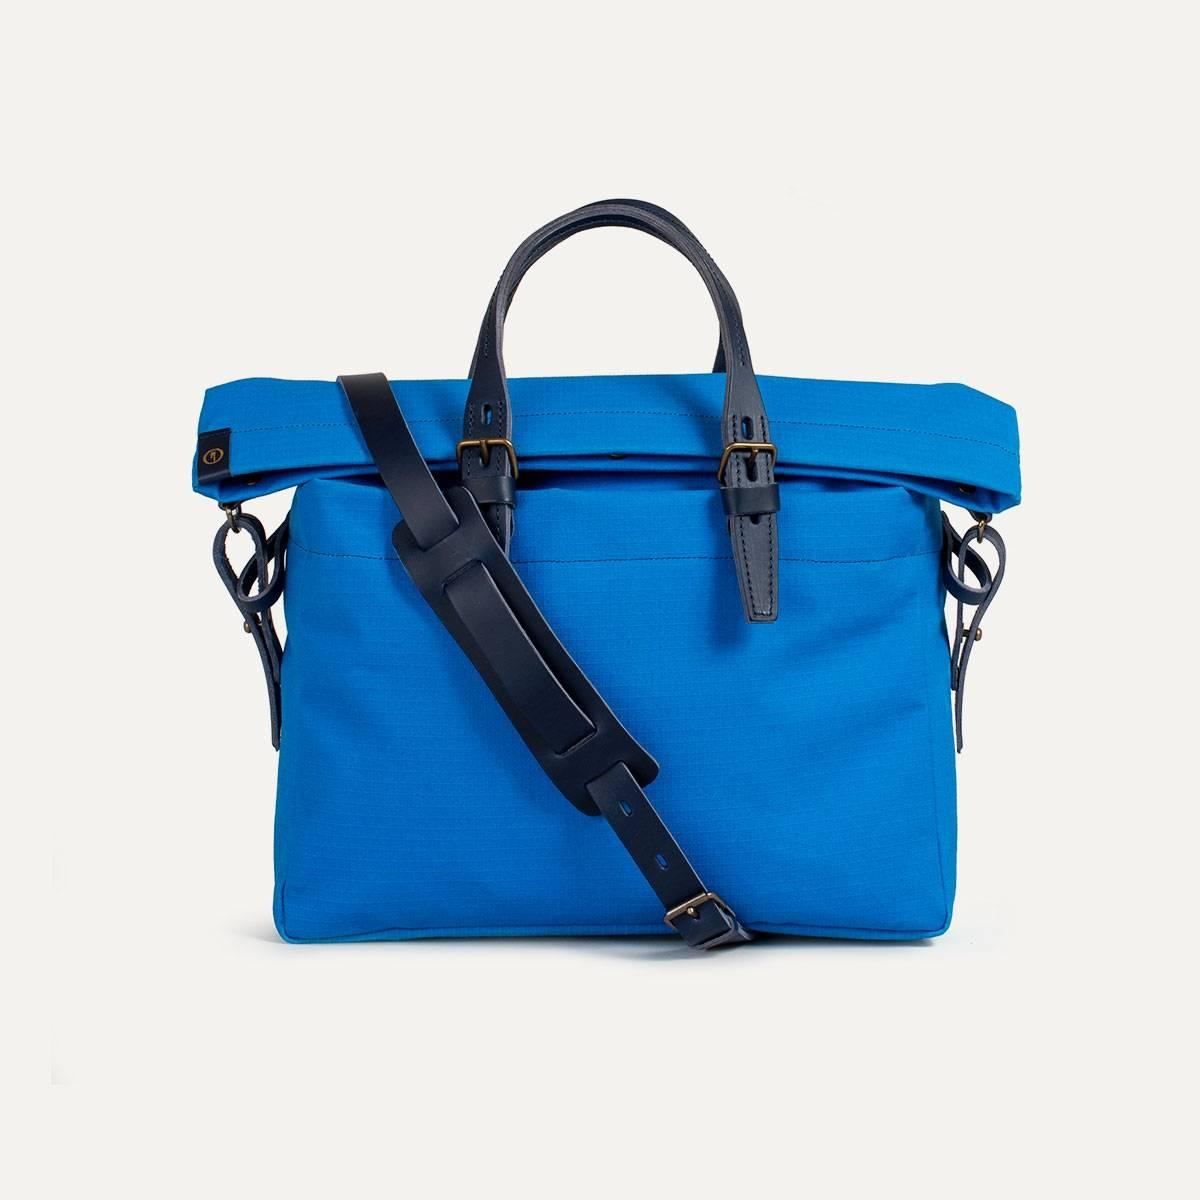 sac briefcase toile et cuir i inspiration outdoor bleu. Black Bedroom Furniture Sets. Home Design Ideas